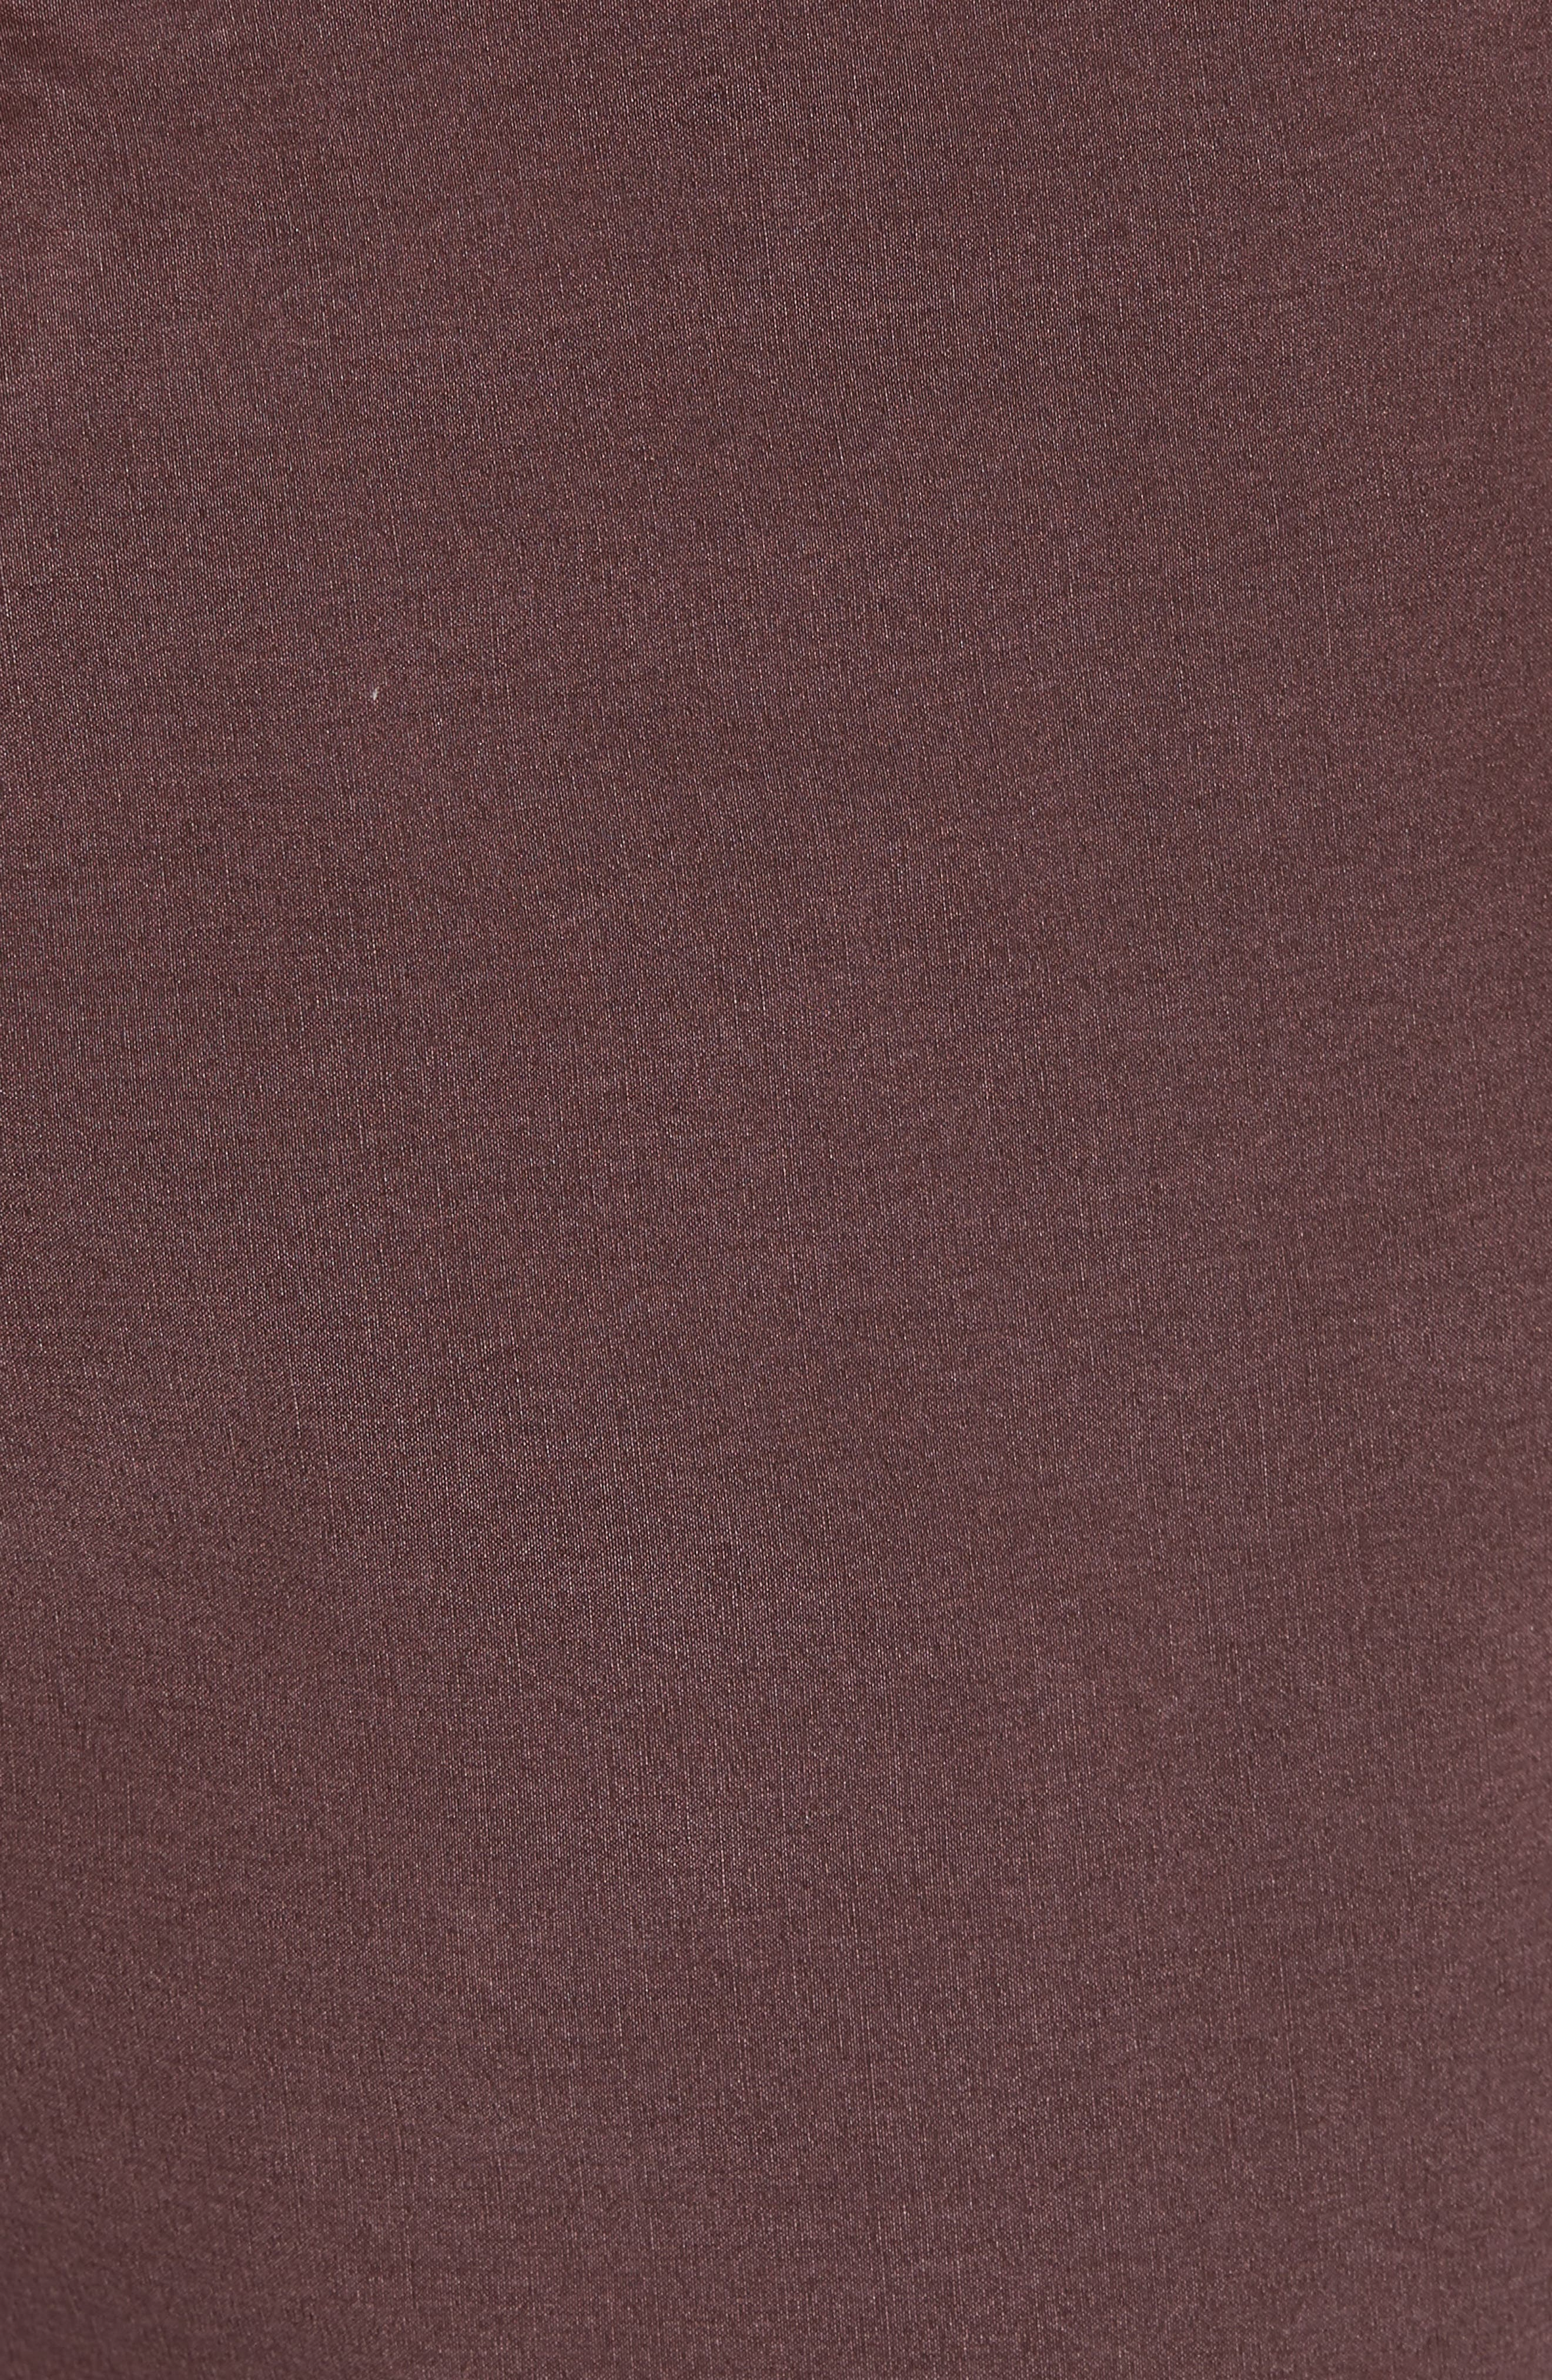 New Order X Overdye Hybrid Shorts,                             Alternate thumbnail 6, color,                             Rum